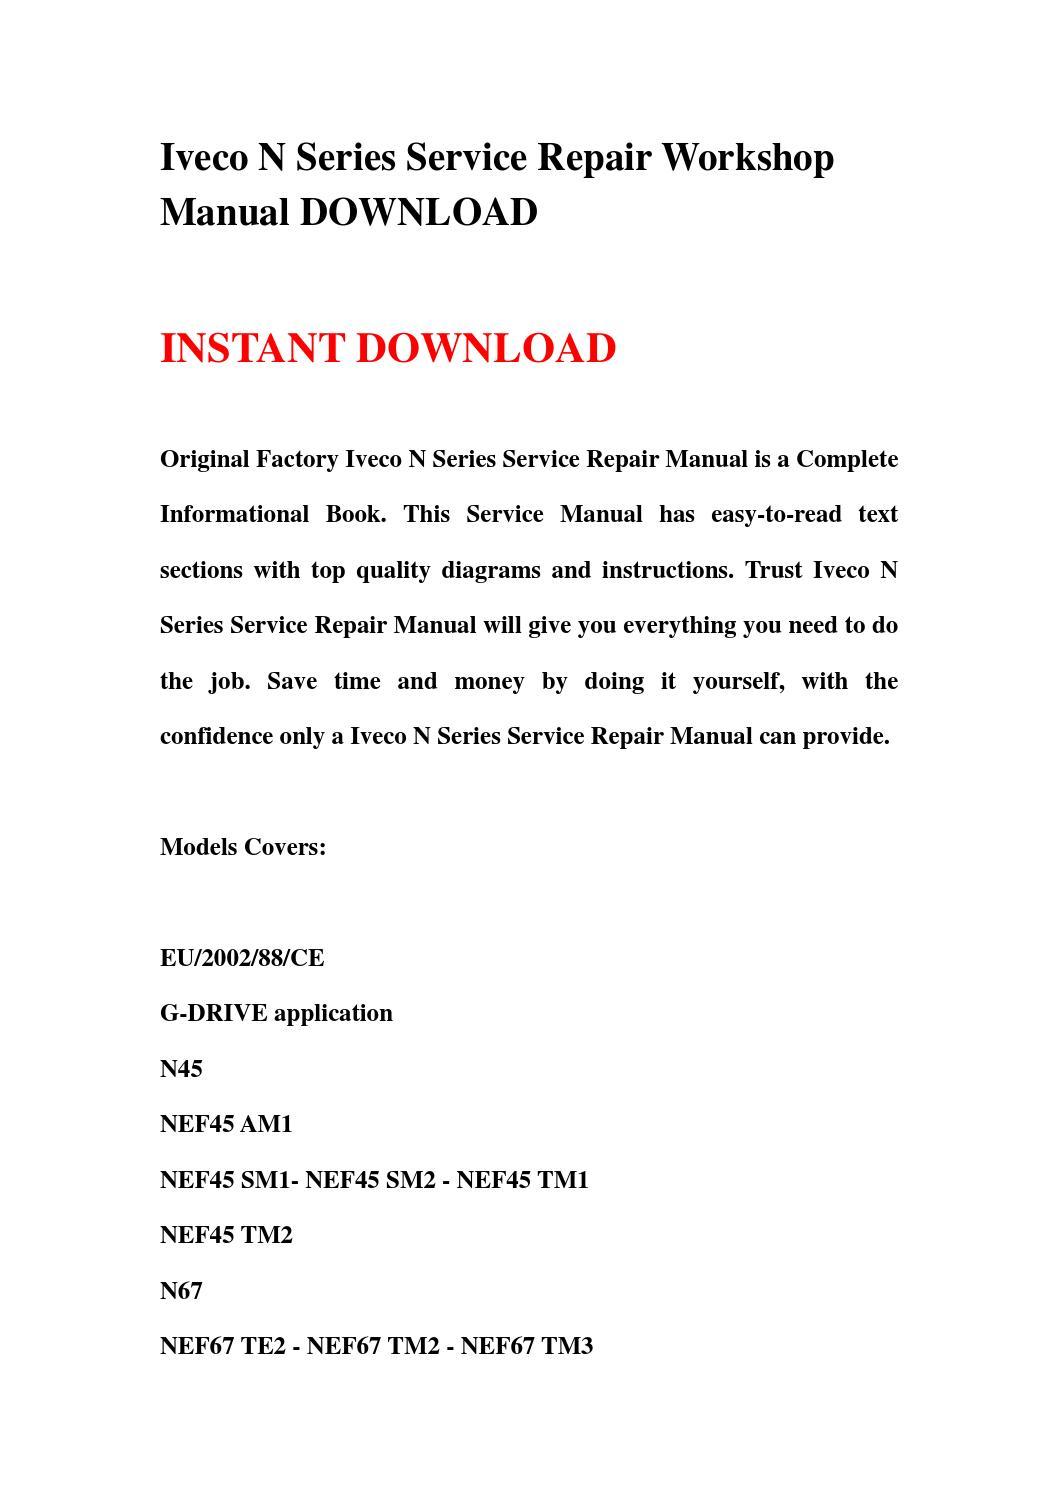 Iveco N Series Service Repair Workshop Manual Download By